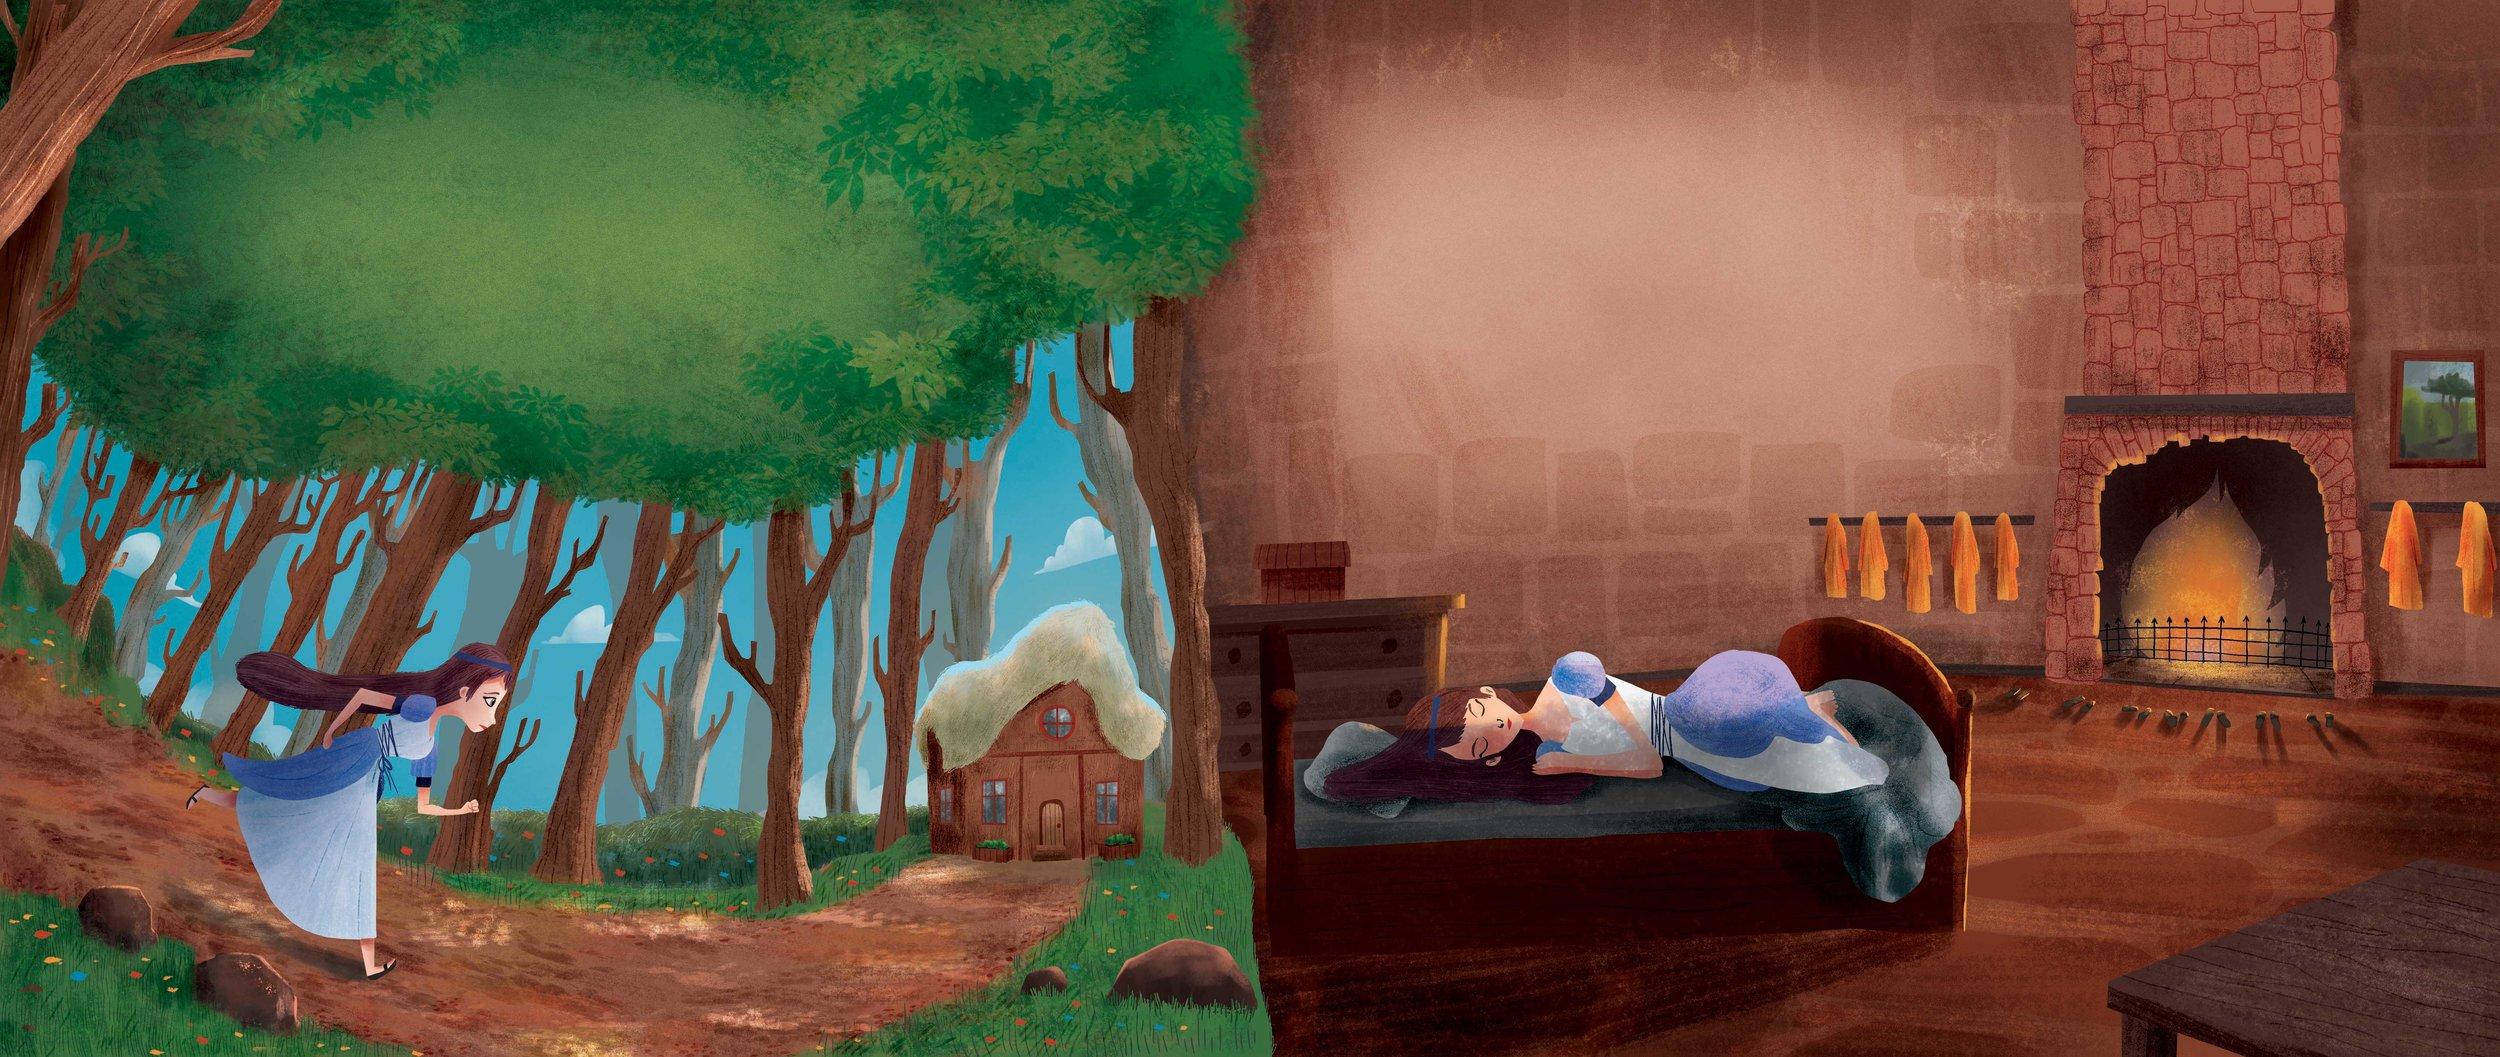 snow white page 8-9.jpg